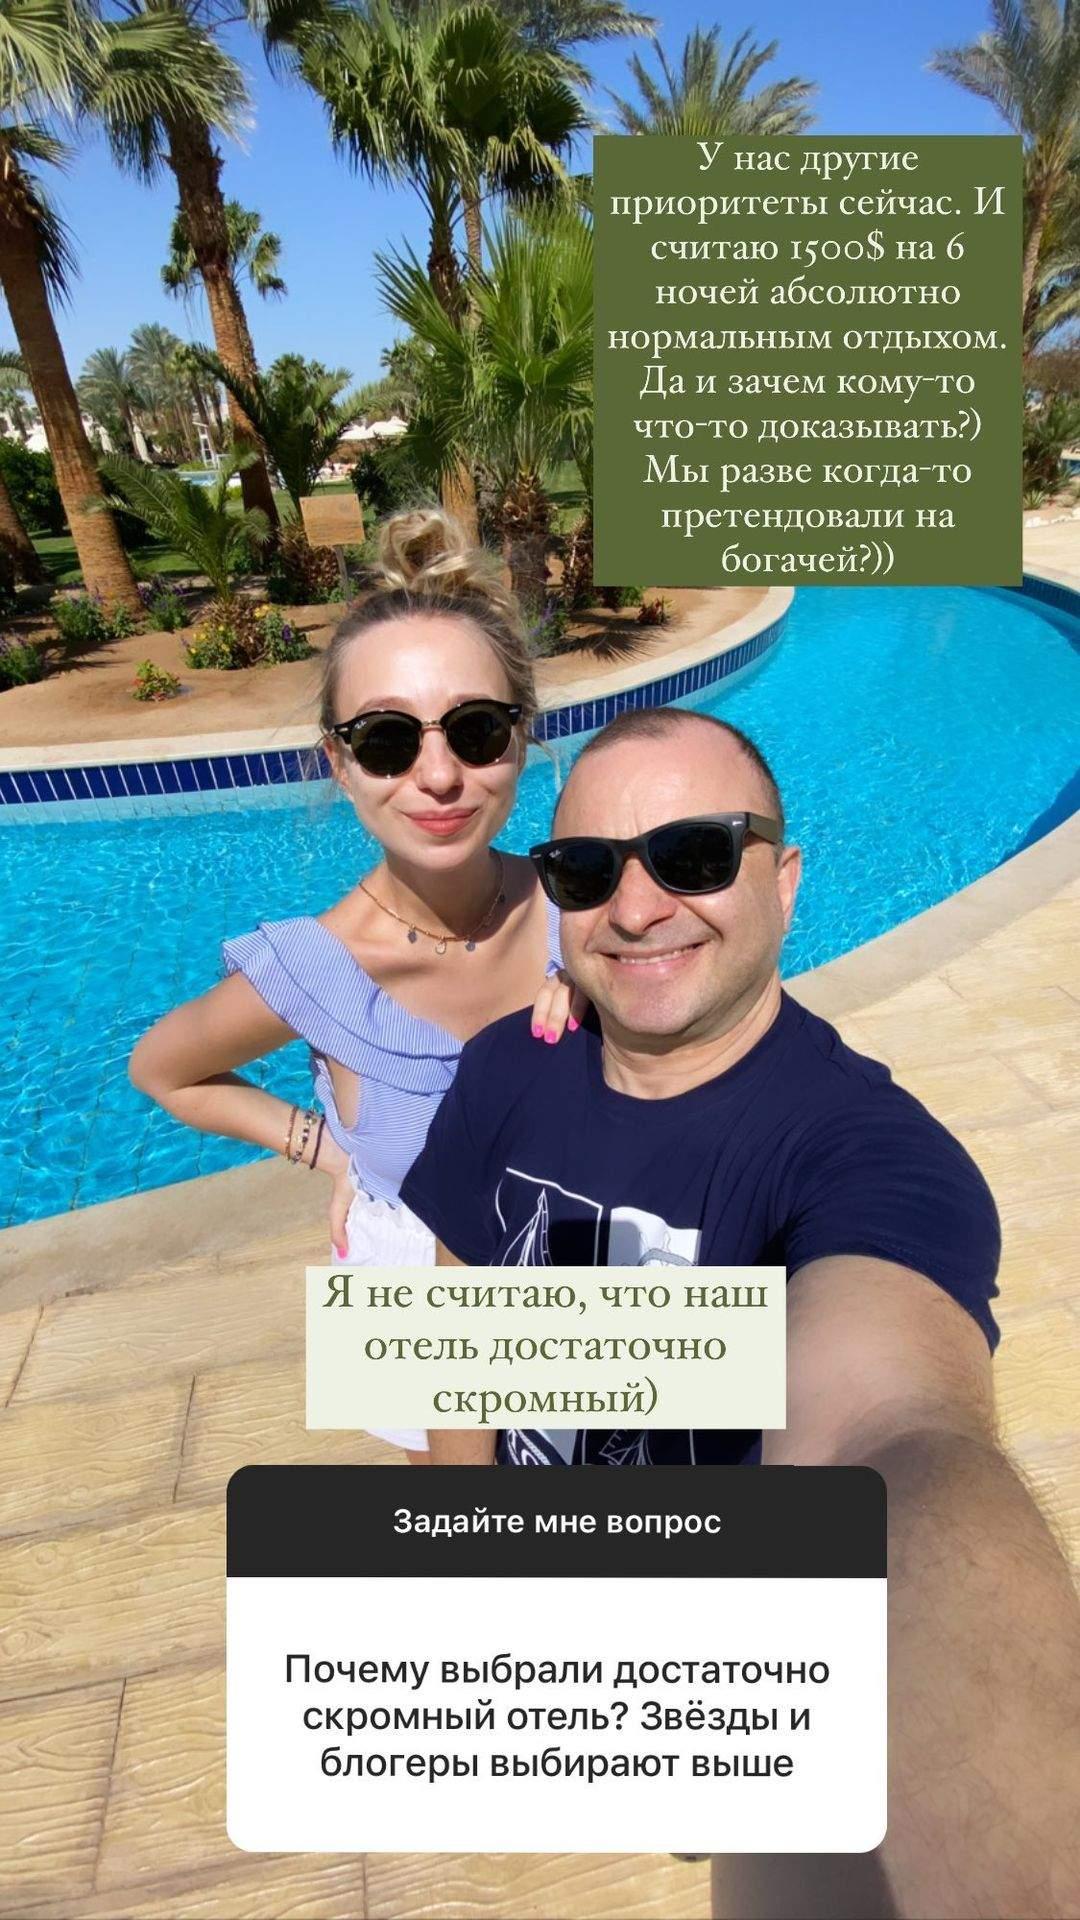 Віктор Павлік з дружиною в Єгипті